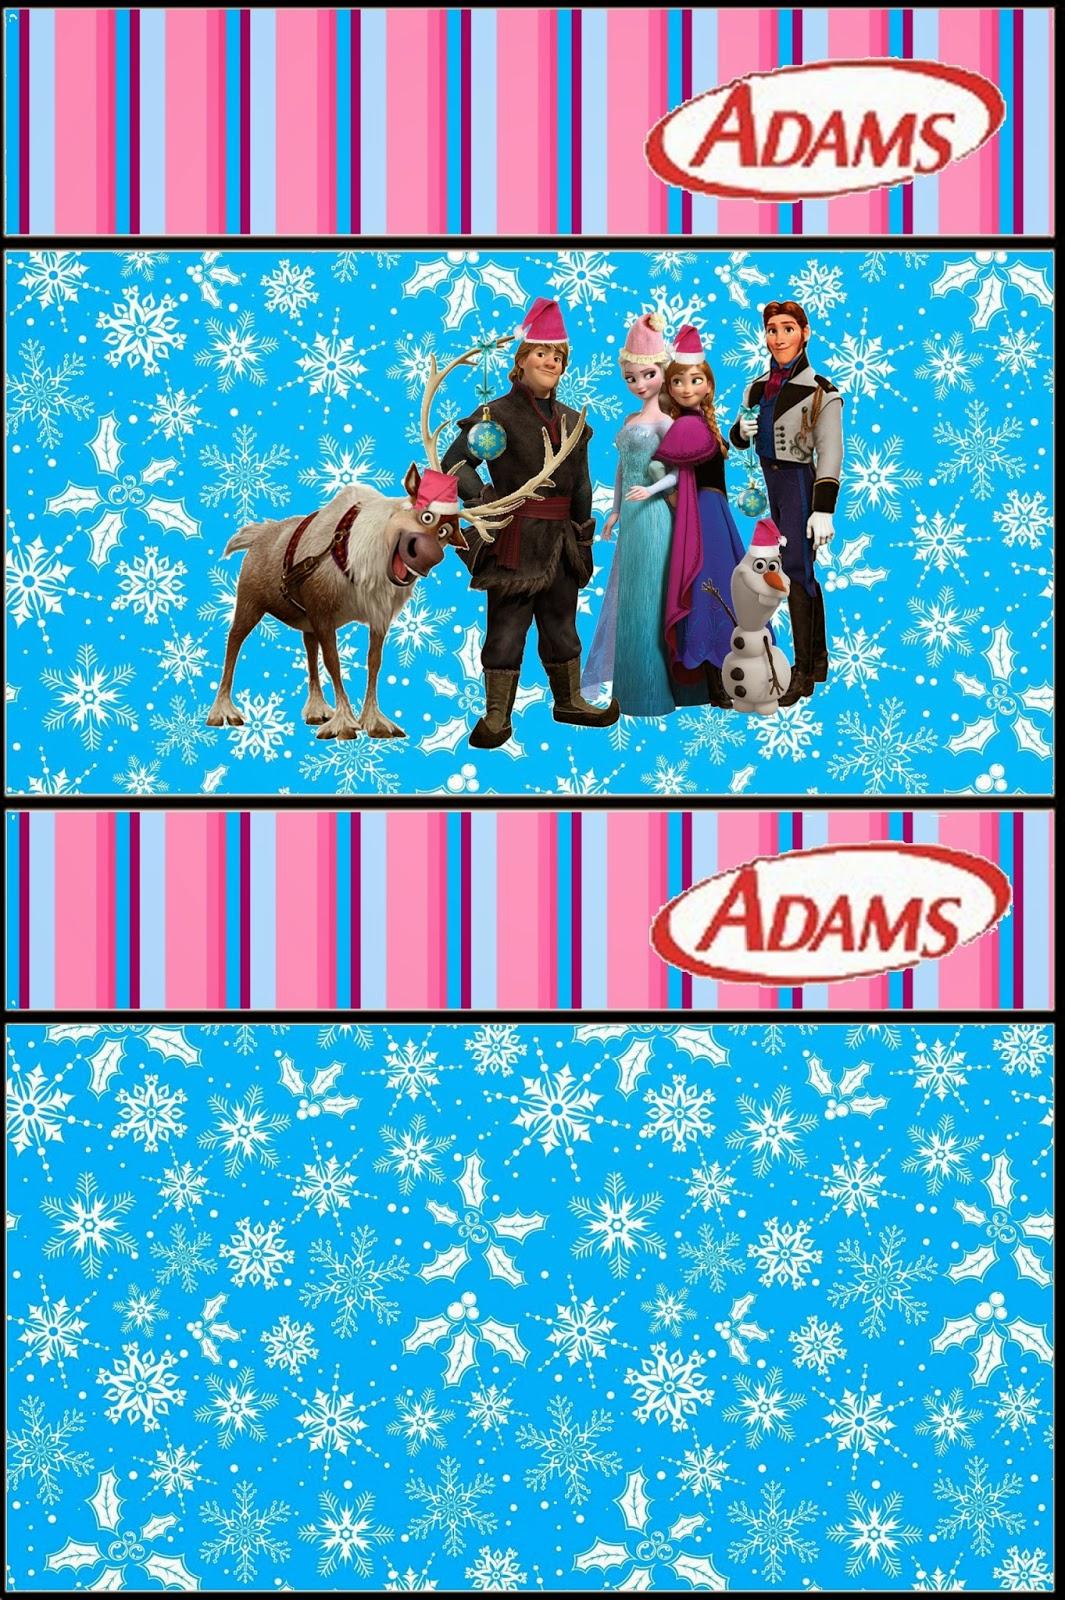 Etiqueta para Golosinas Adams para imprimir gratis de Frozen para Navidad.